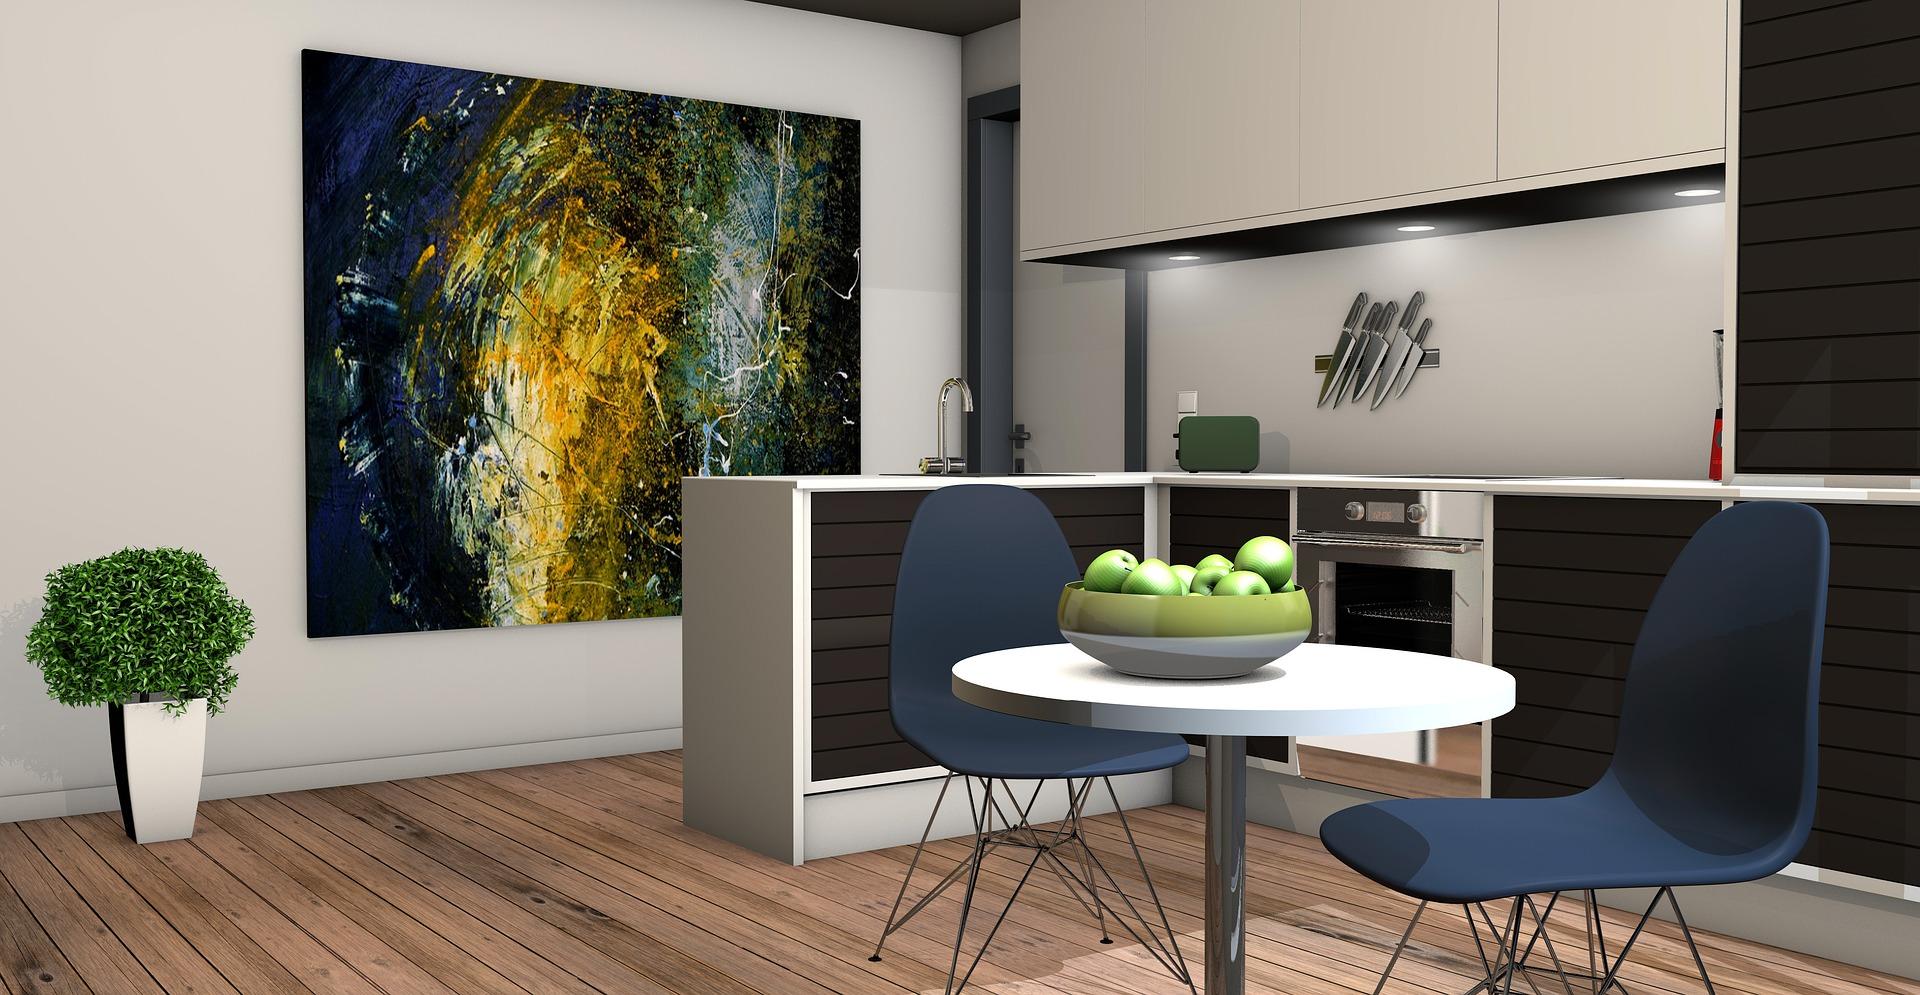 Francouzský styl v interiéru bytu